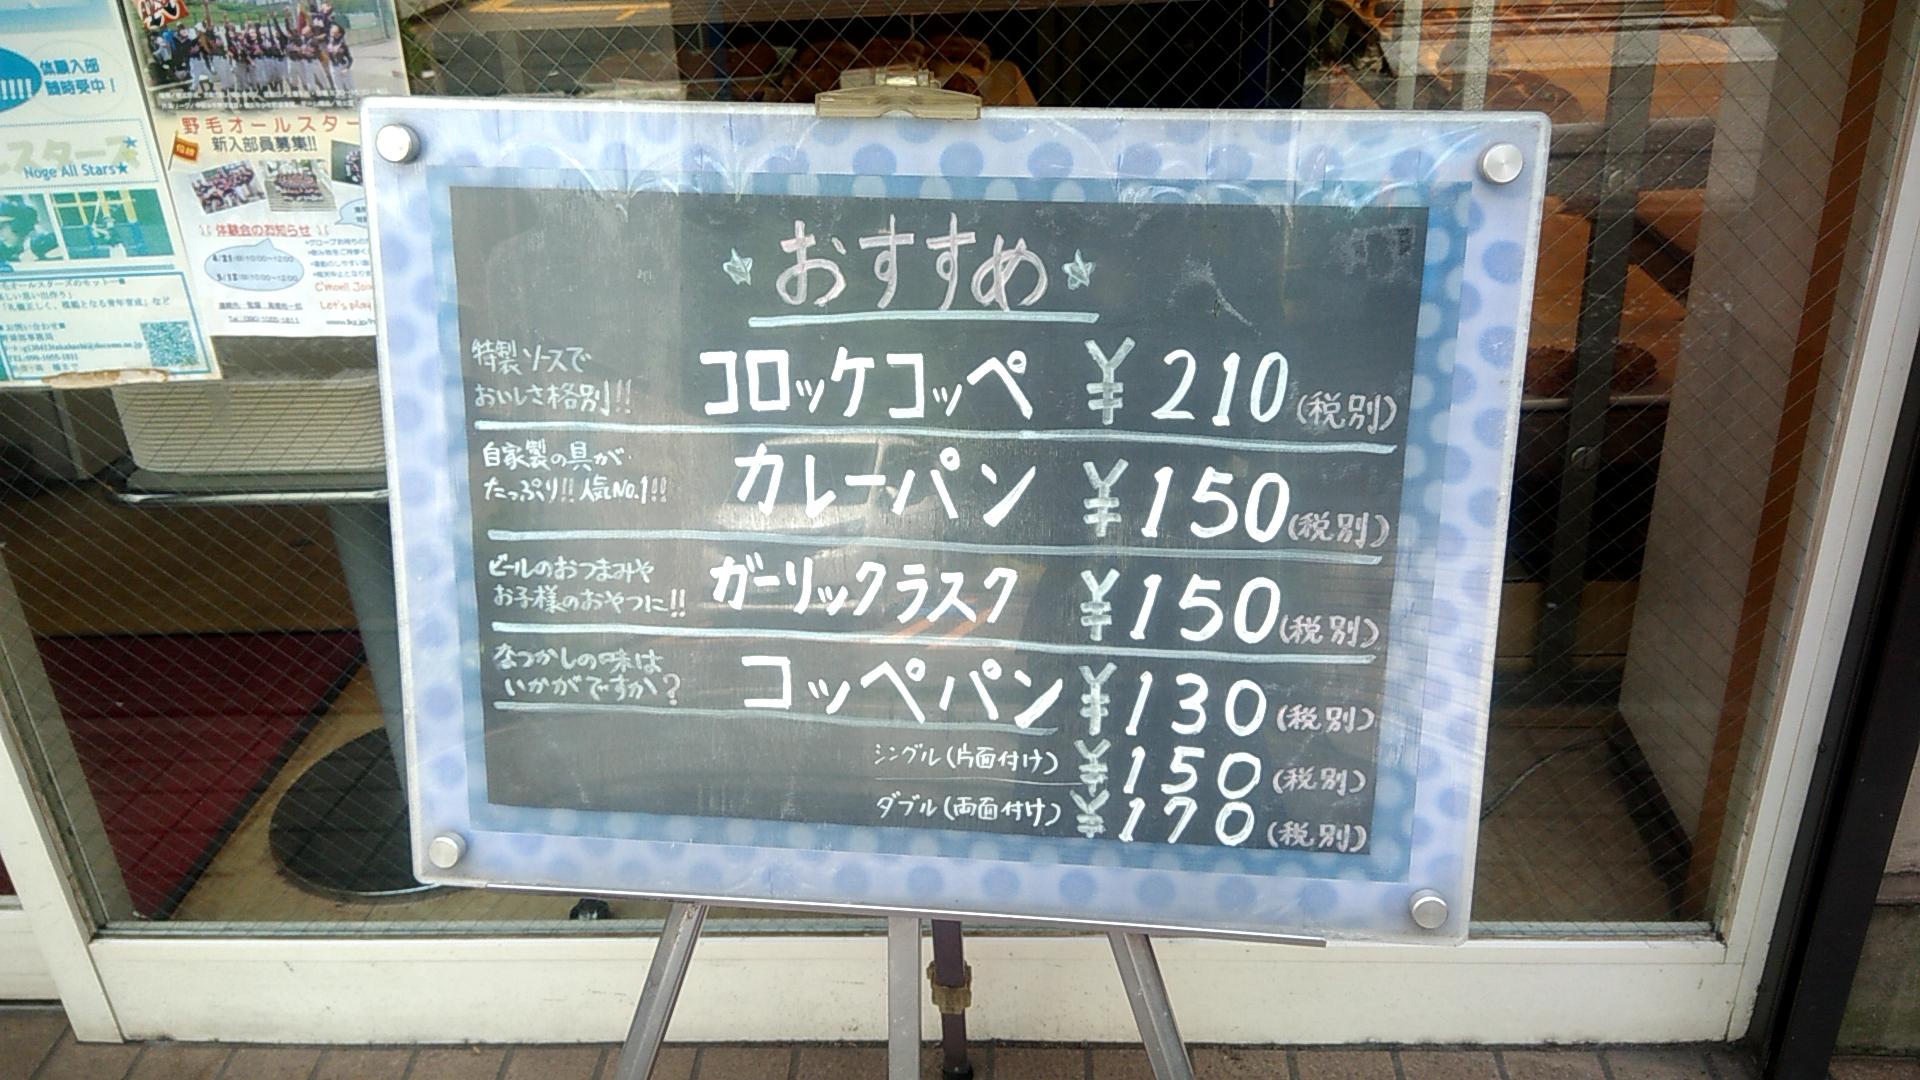 パン100円台!コスパ抜群 横浜野毛の「キムラヤベーカリー」